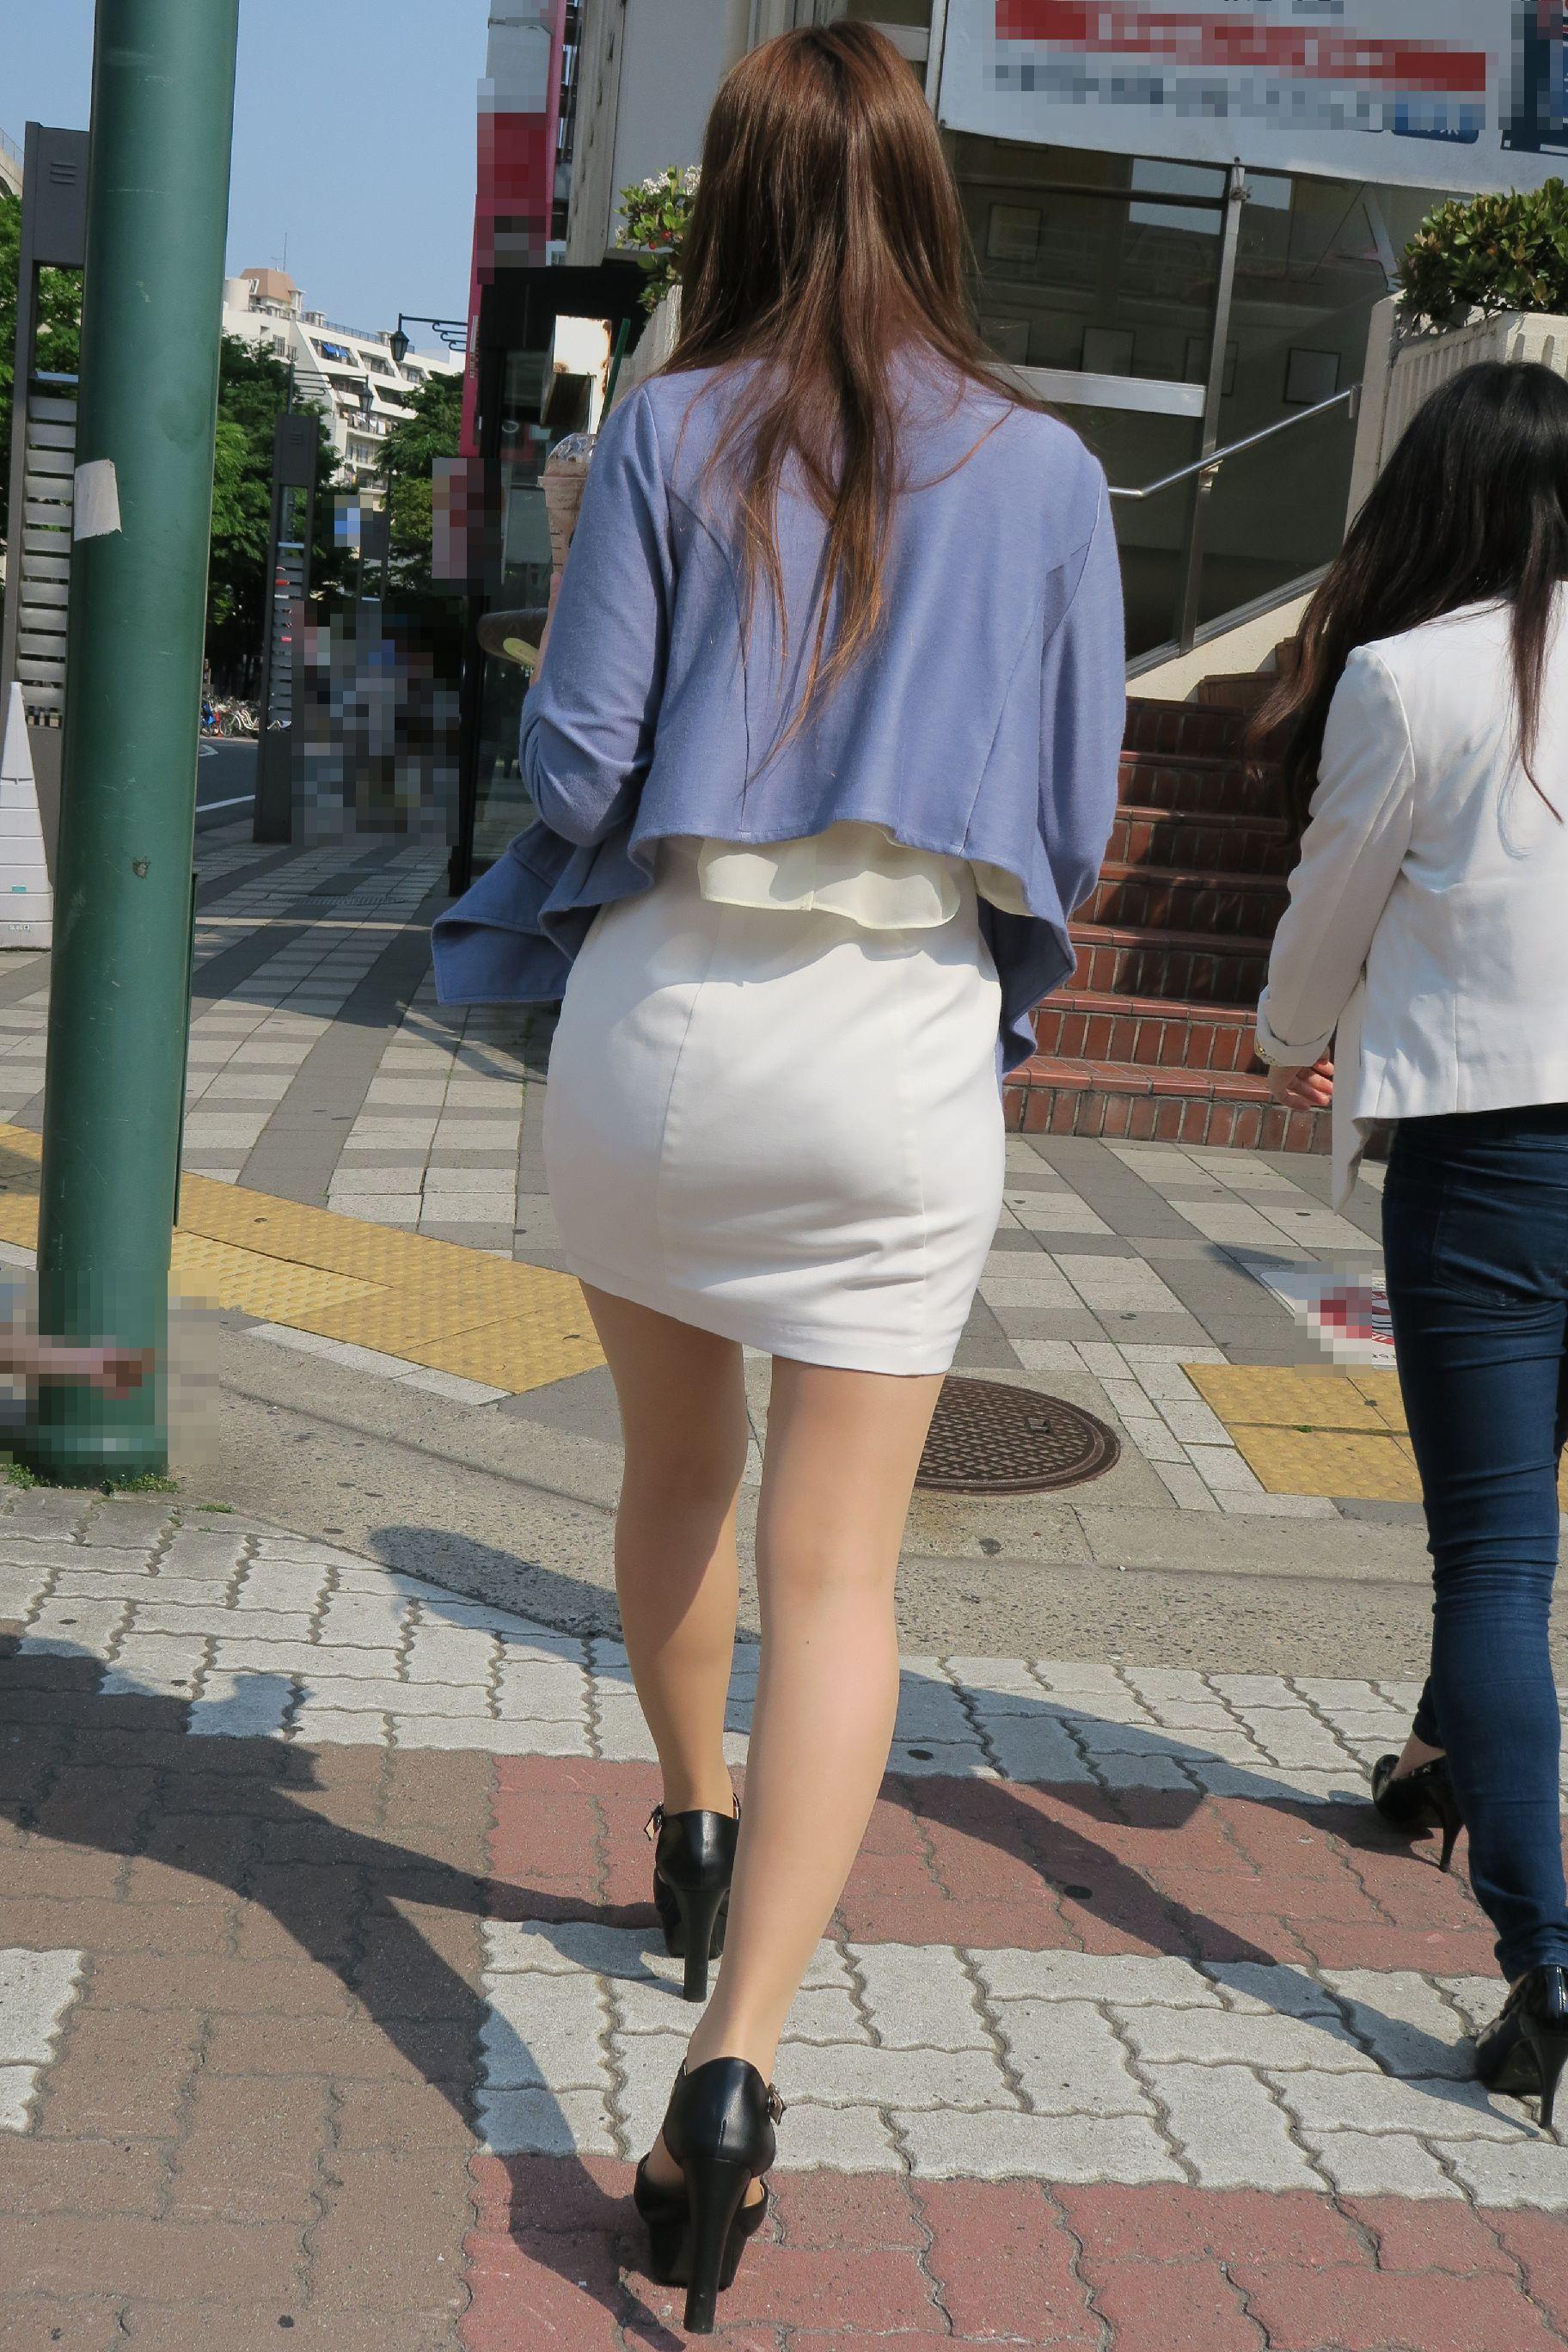 タイトスカートのお尻街撮り素人エロ画像16